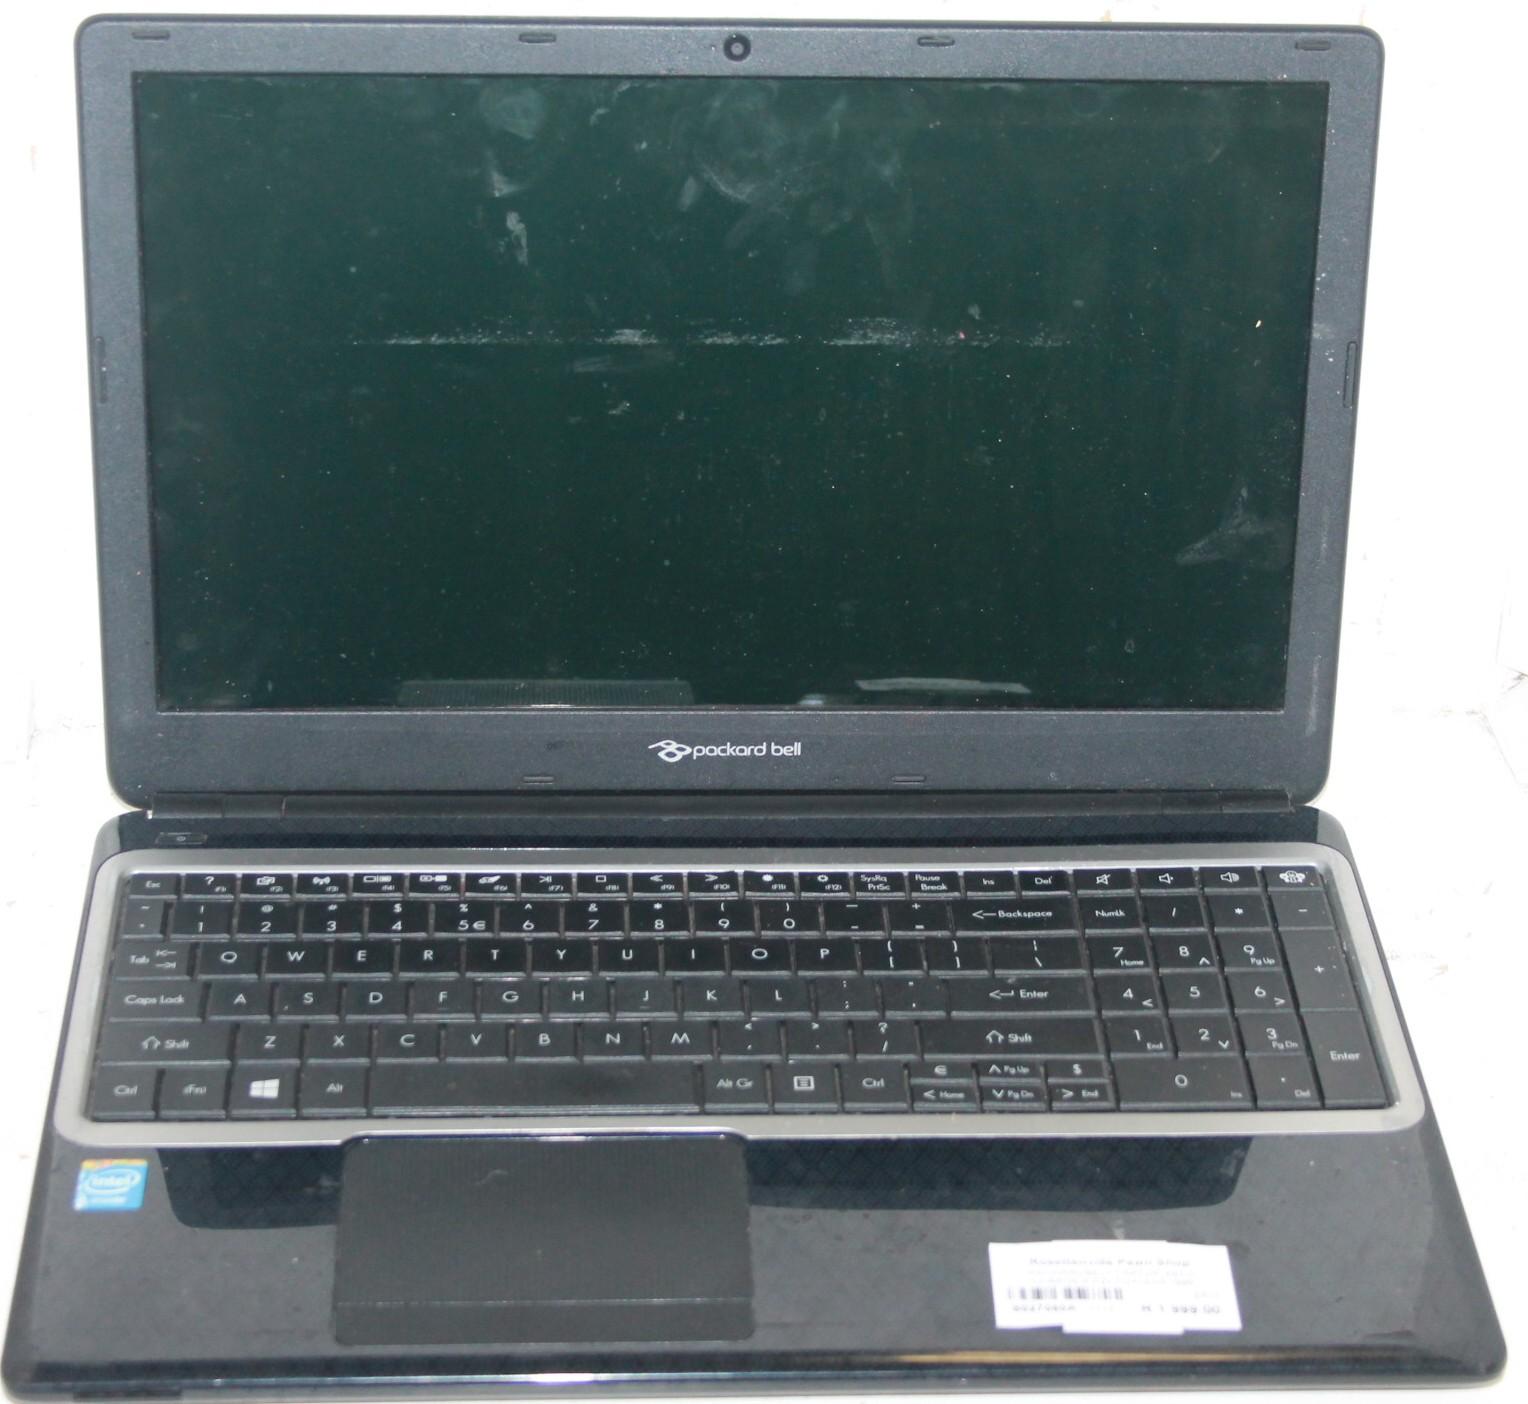 Packardbell laptop S027060a #Rosettenvillepawnshop